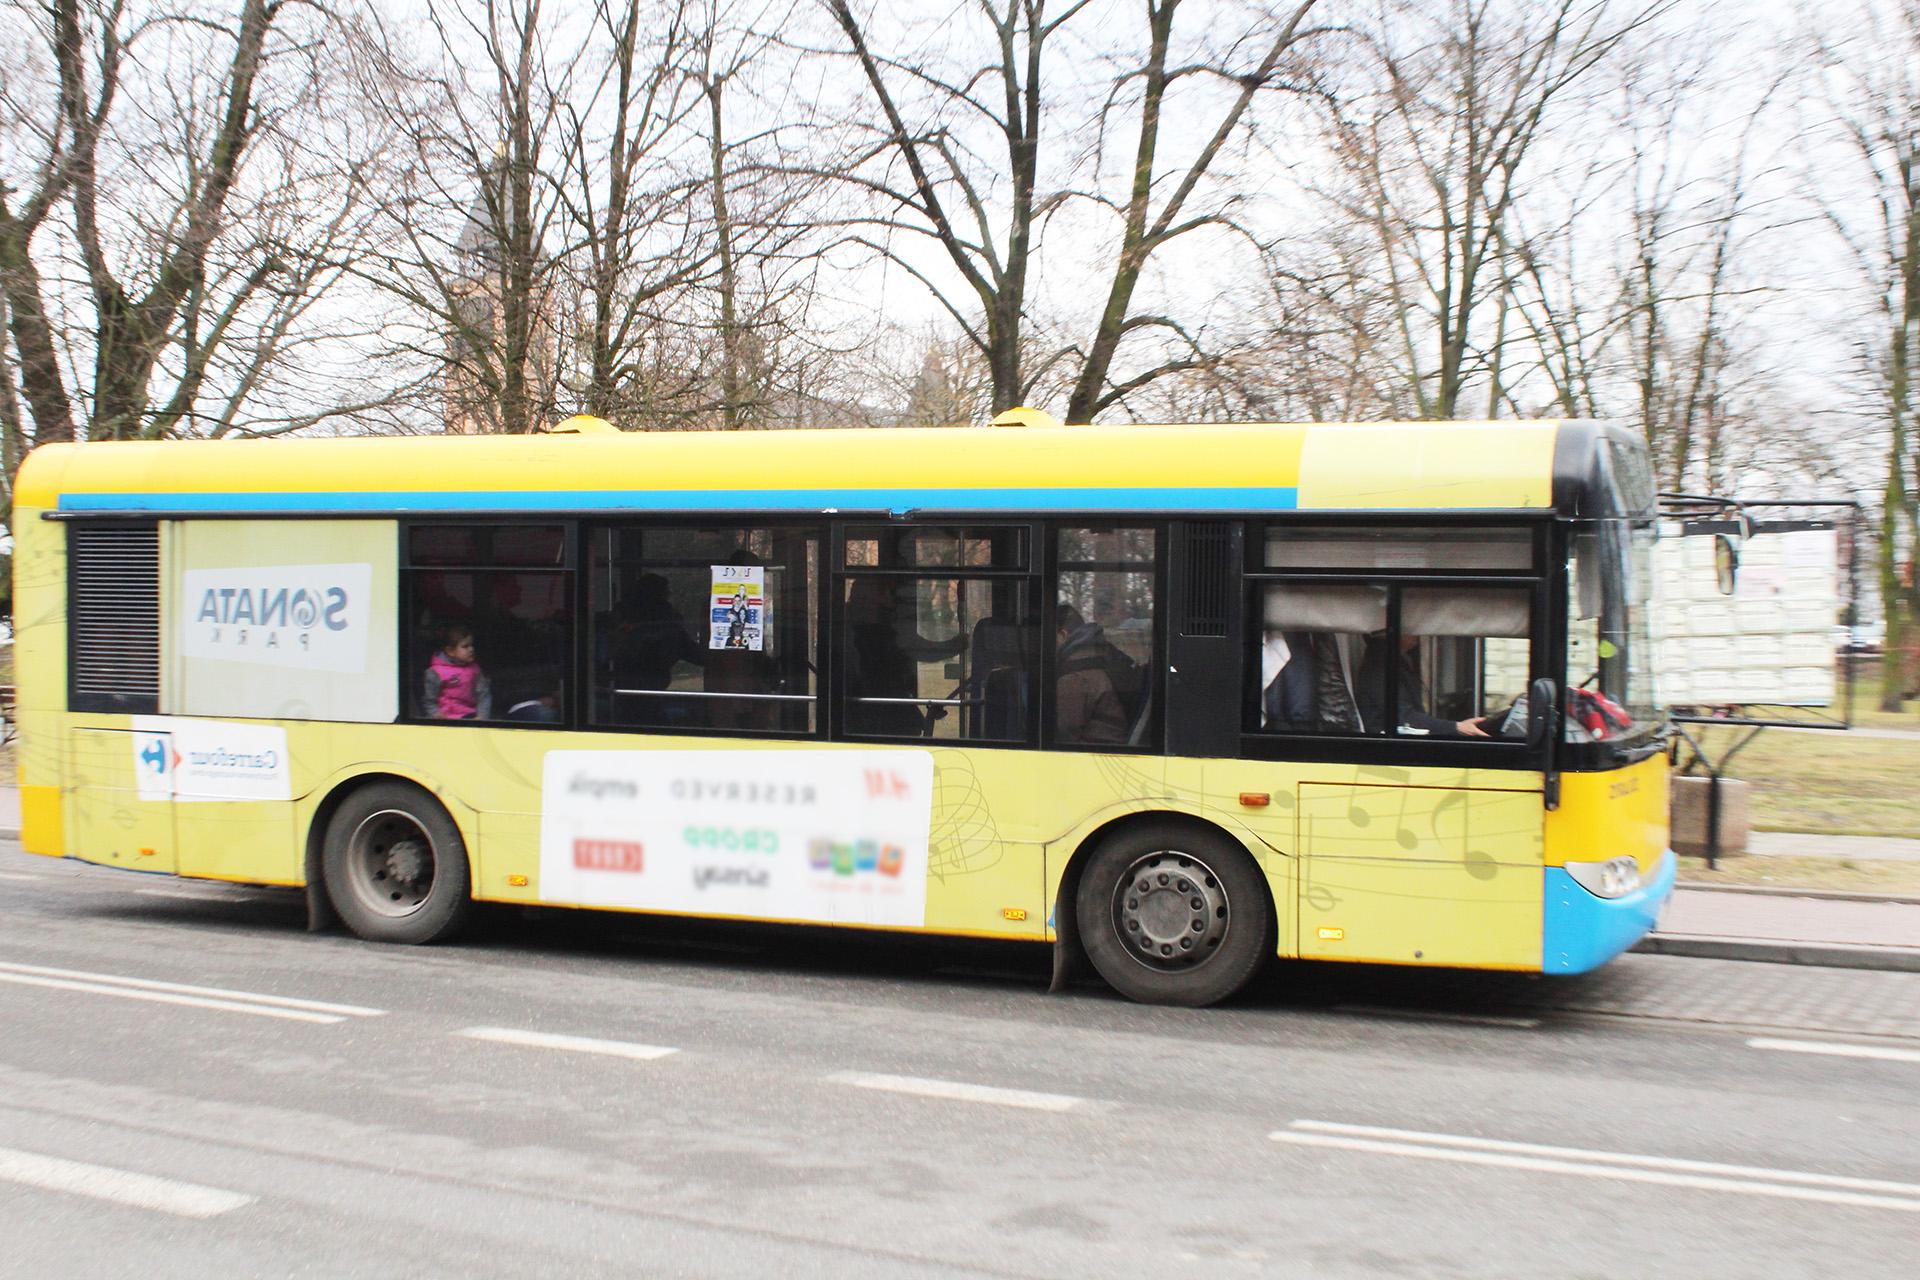 bezpłatne autobusy dla uczniów w sochaczewie